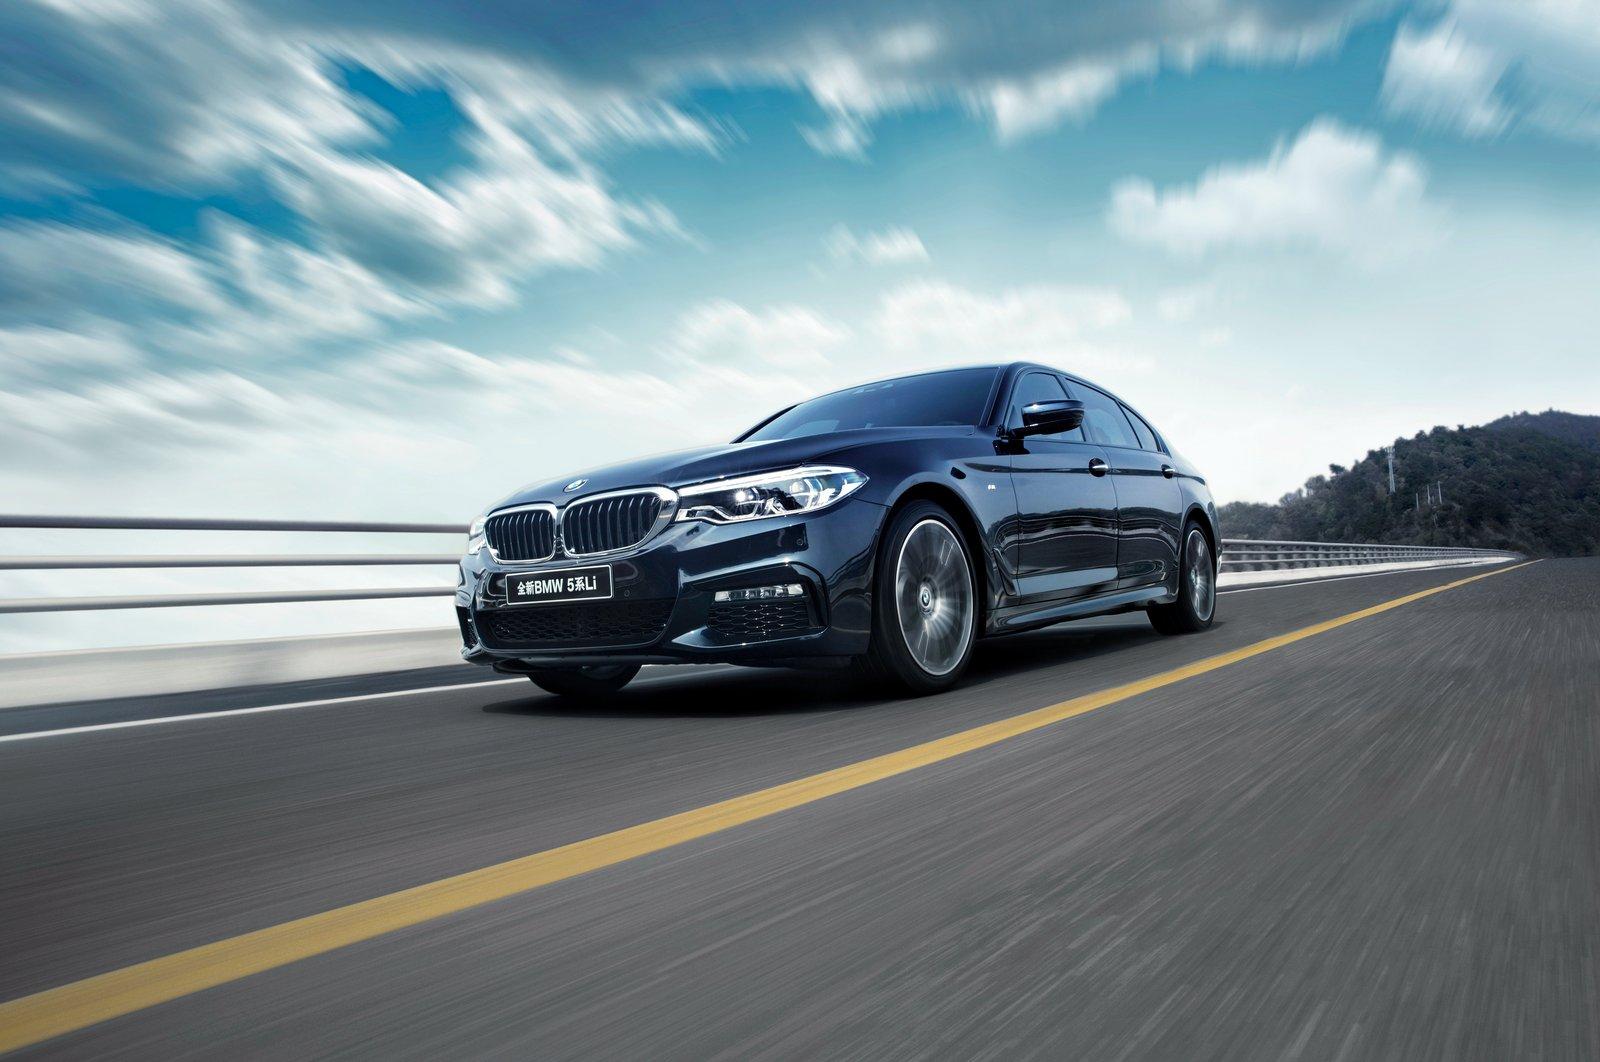 2016 - [BMW] Série 5 Berline & Touring [G30/G31] - Page 28 BMW-5-Series-LWB-1